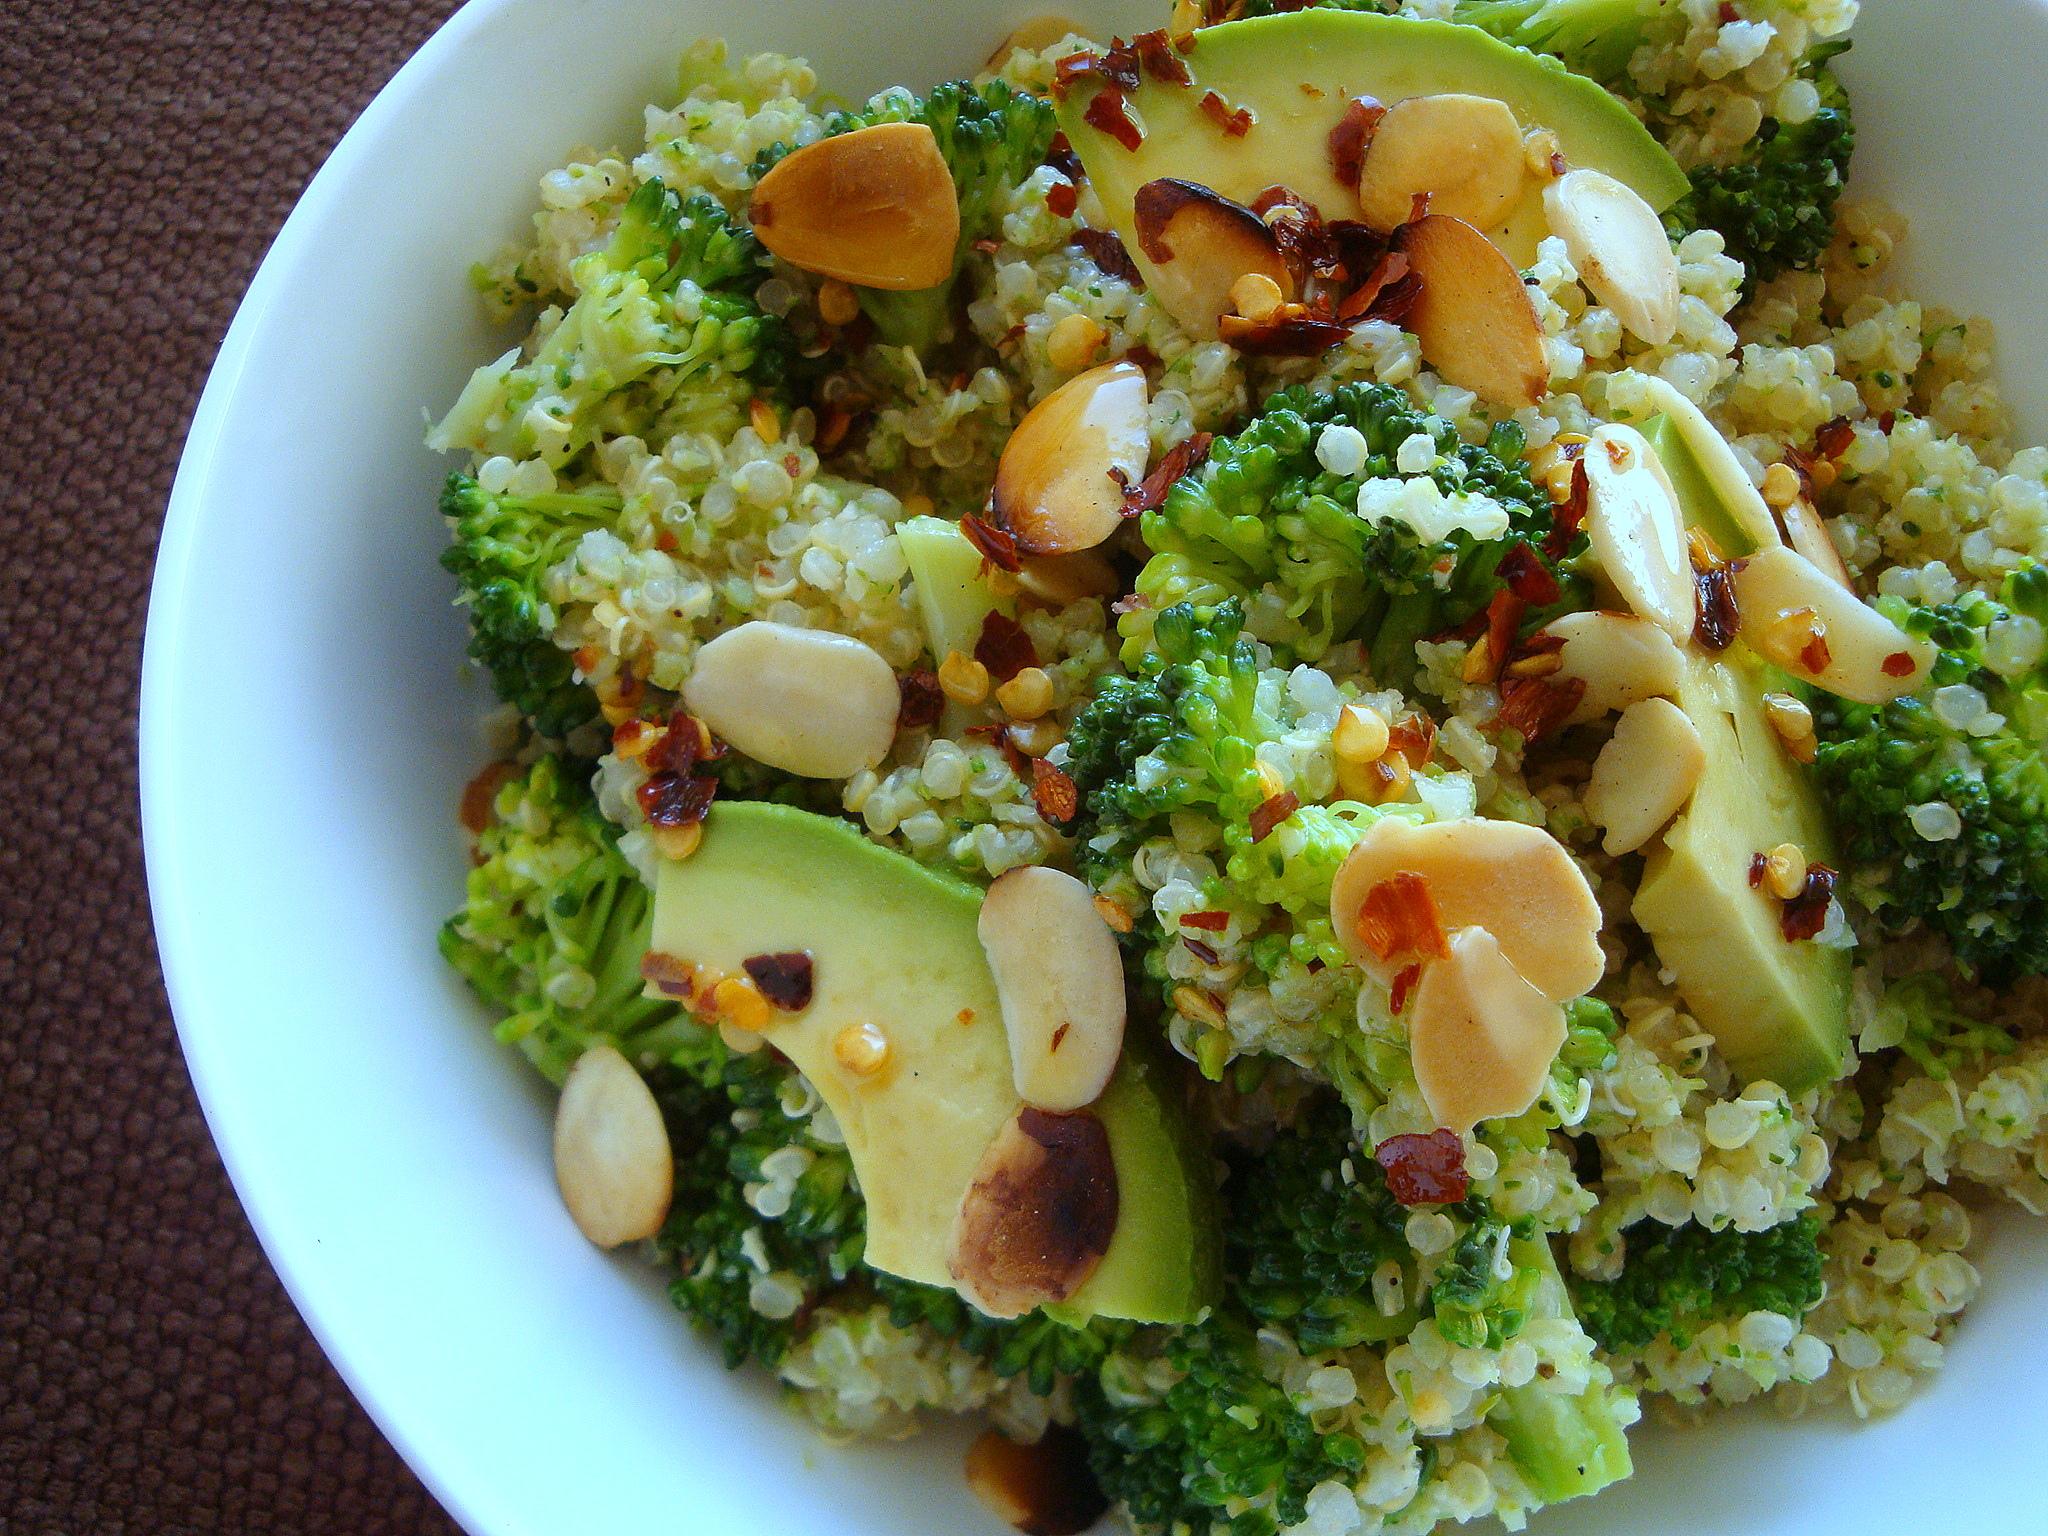 ... broccoli rabe spicy braised broccoli rabe with quinoa pasta recipe